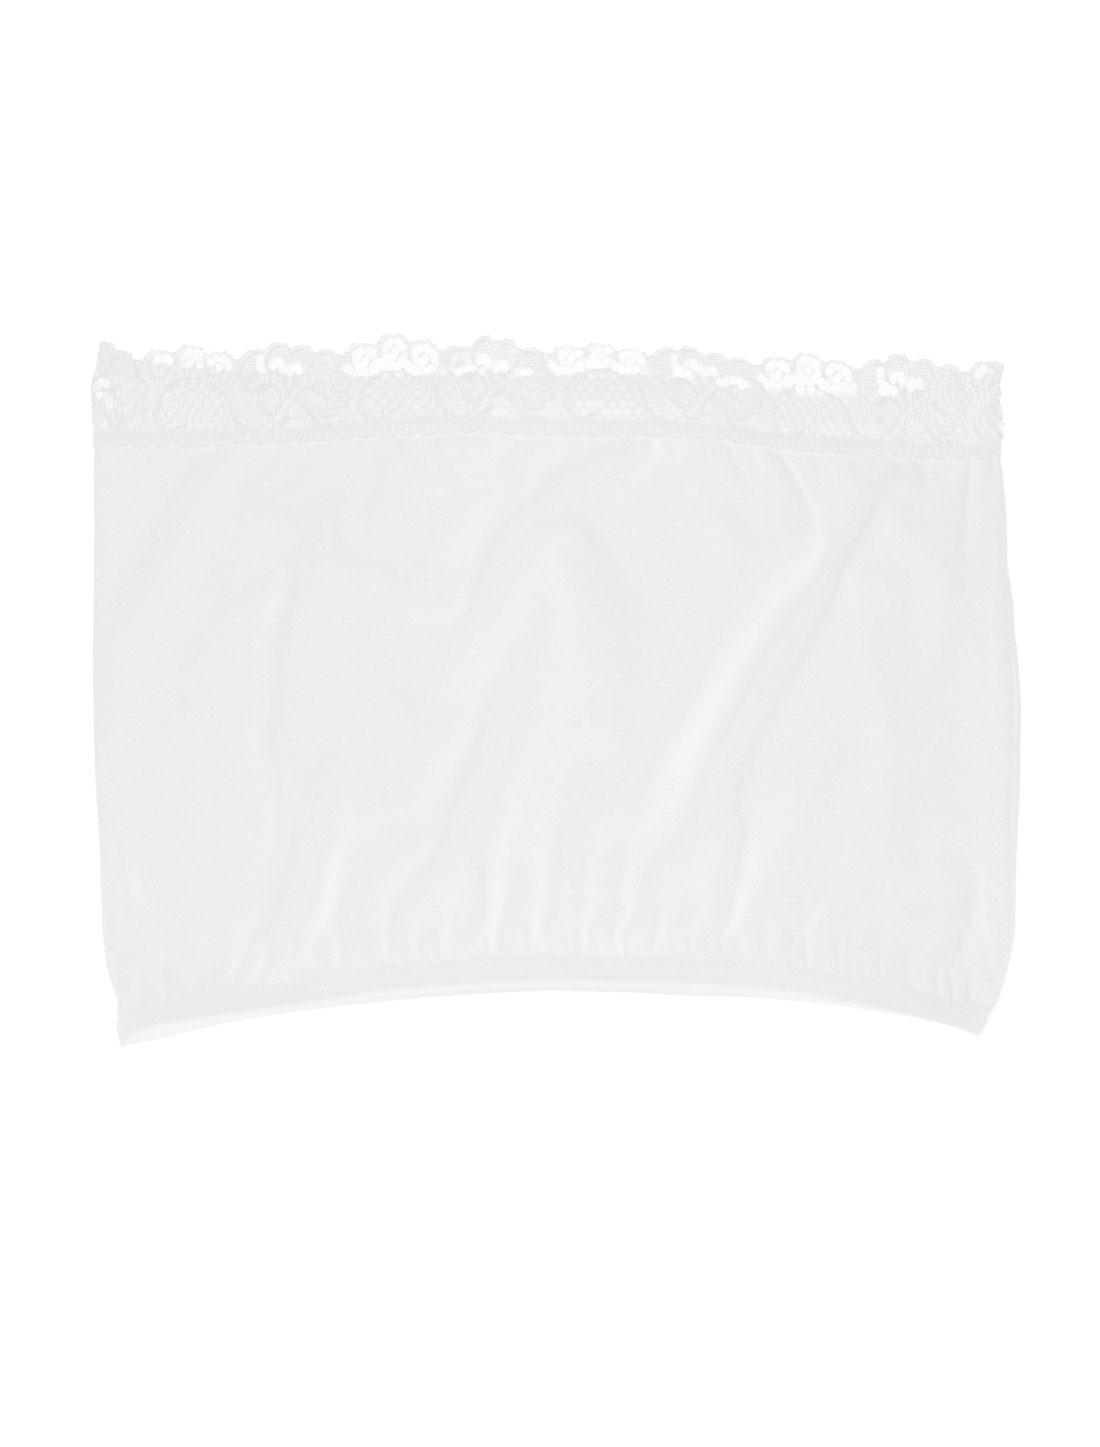 Lady White Lace Trim Basic Strapless No Pad Tube Bra Bandeau Top XS